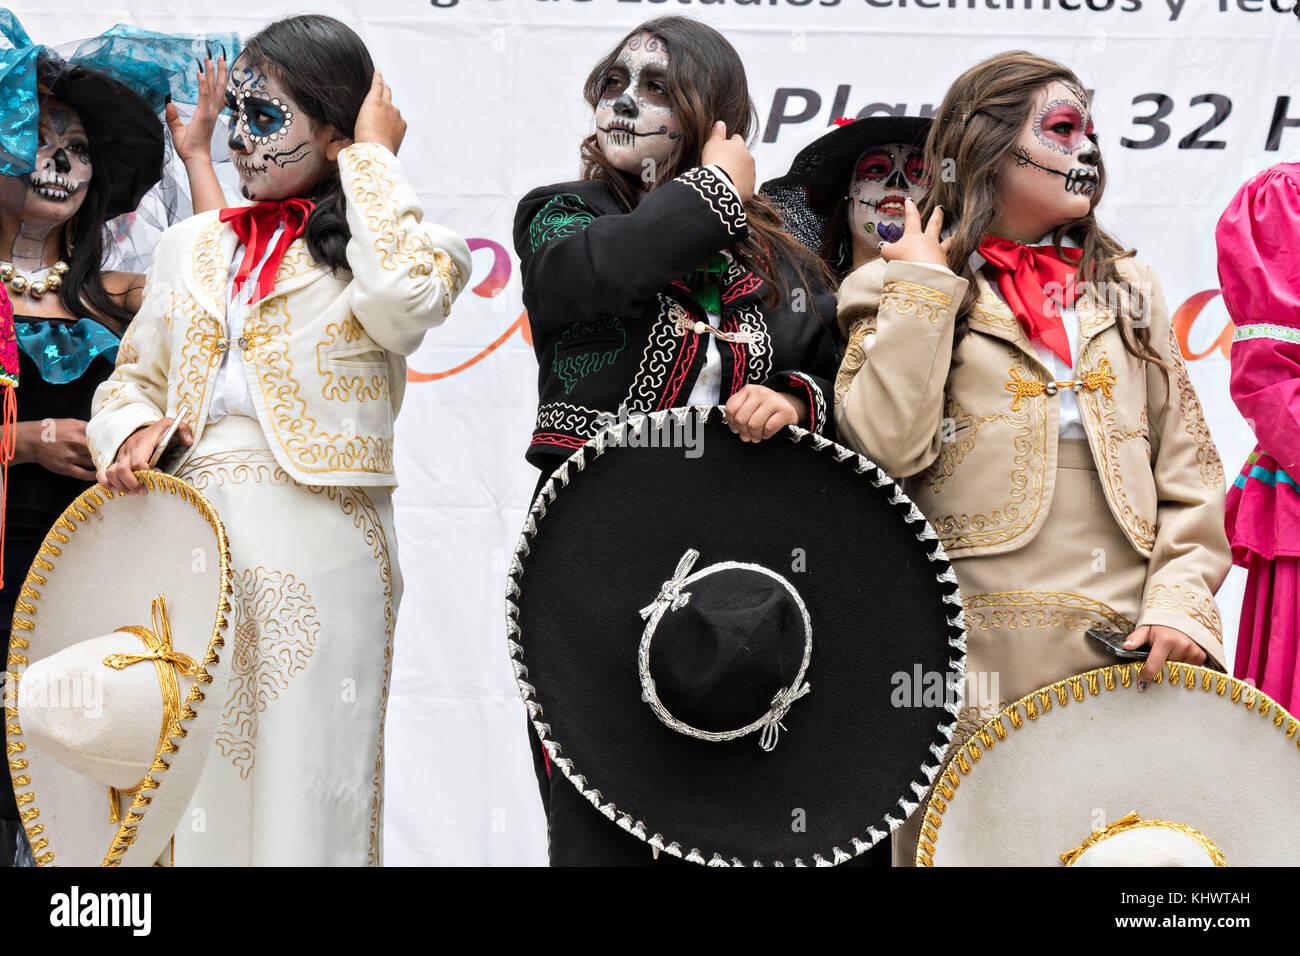 Las Mujeres Jóvenes Vestidas En Trajes De La Calavera